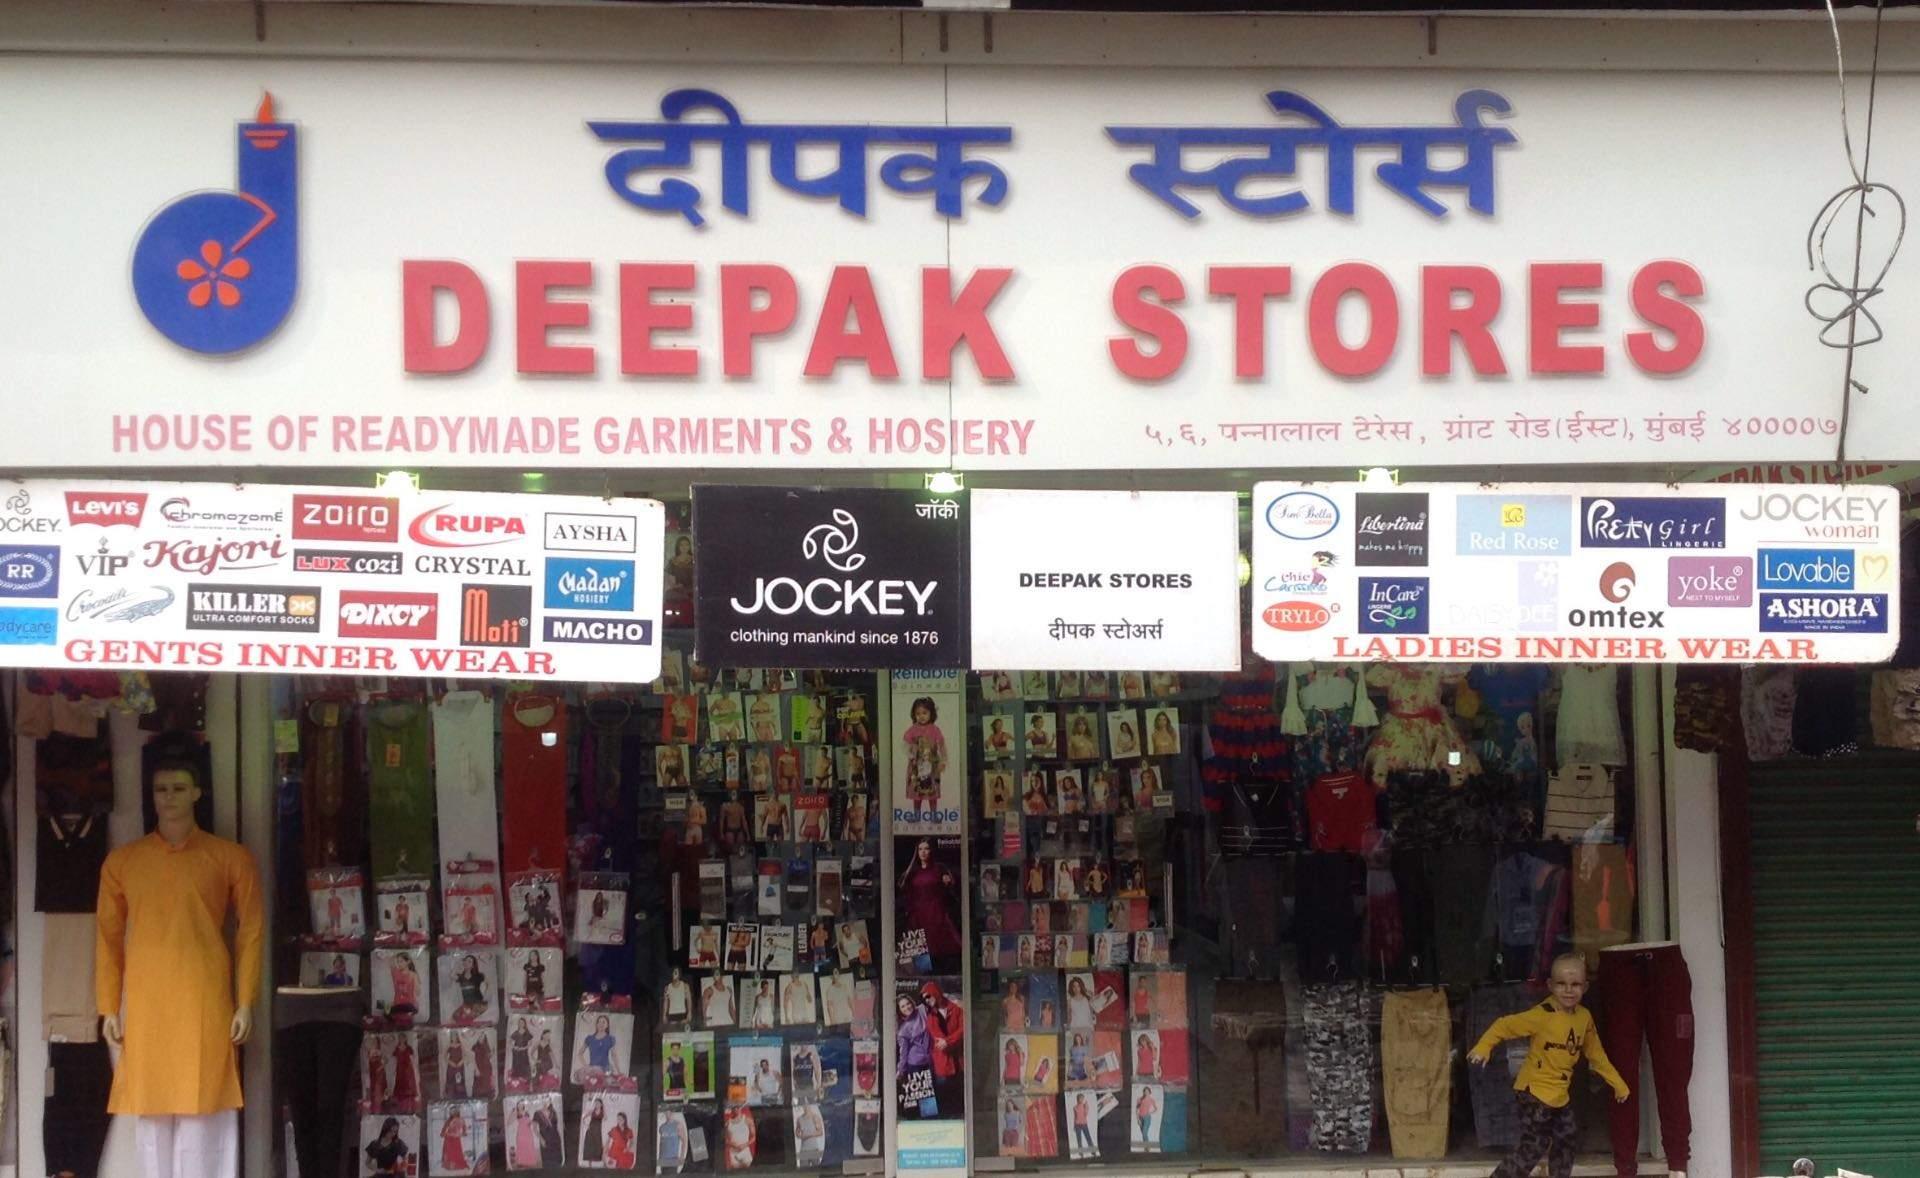 fdc378038 Top 100 Jockey Ladies Undergarment Retailers in Dongri - Best Jockey ...